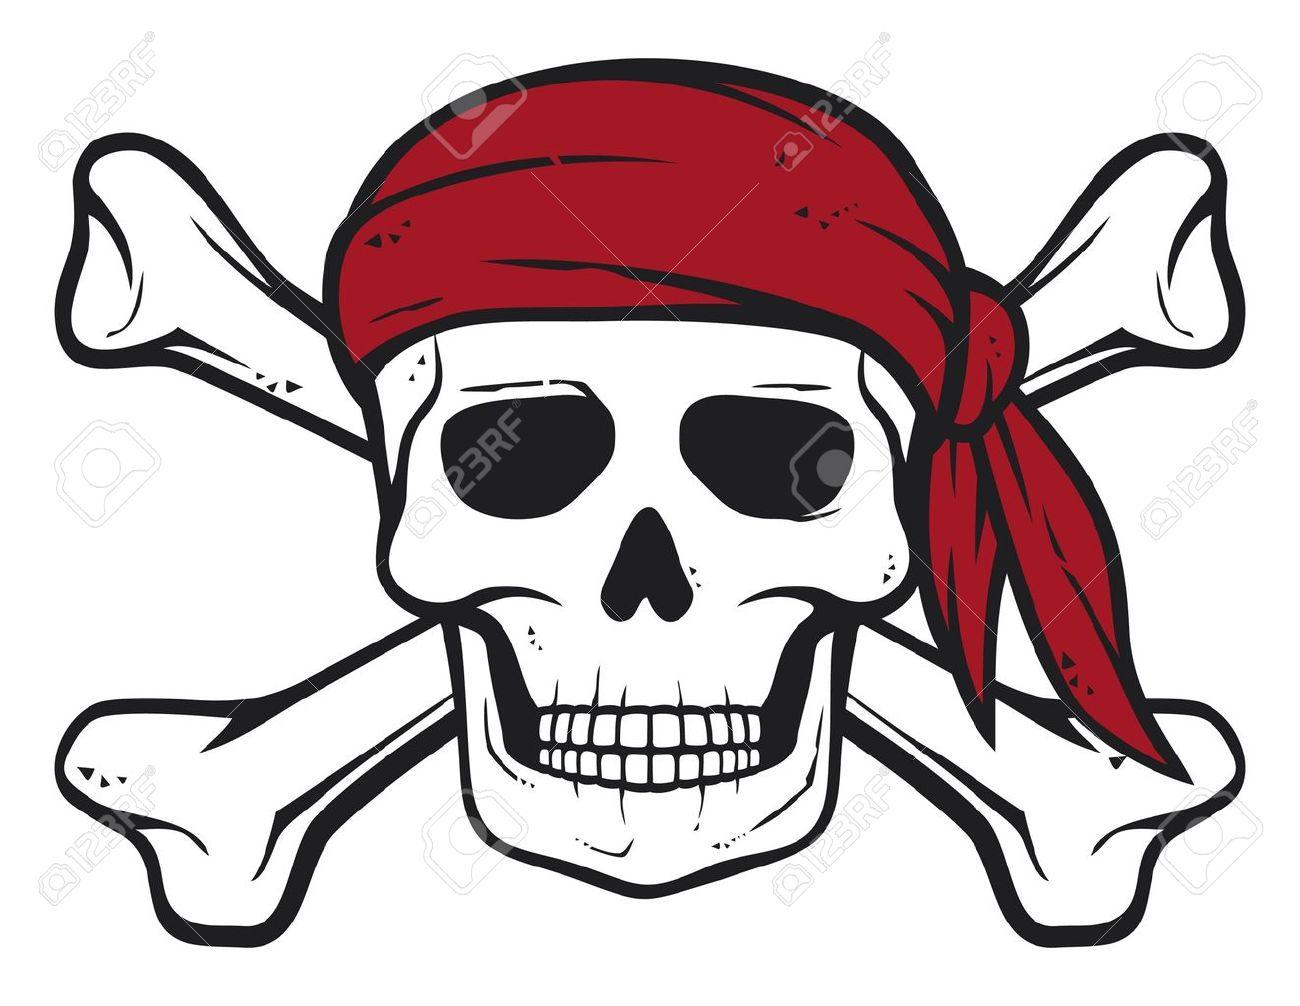 Piraten-Totenkopf, Rotes Halstuch Und Knochen Piraten Symbol ...